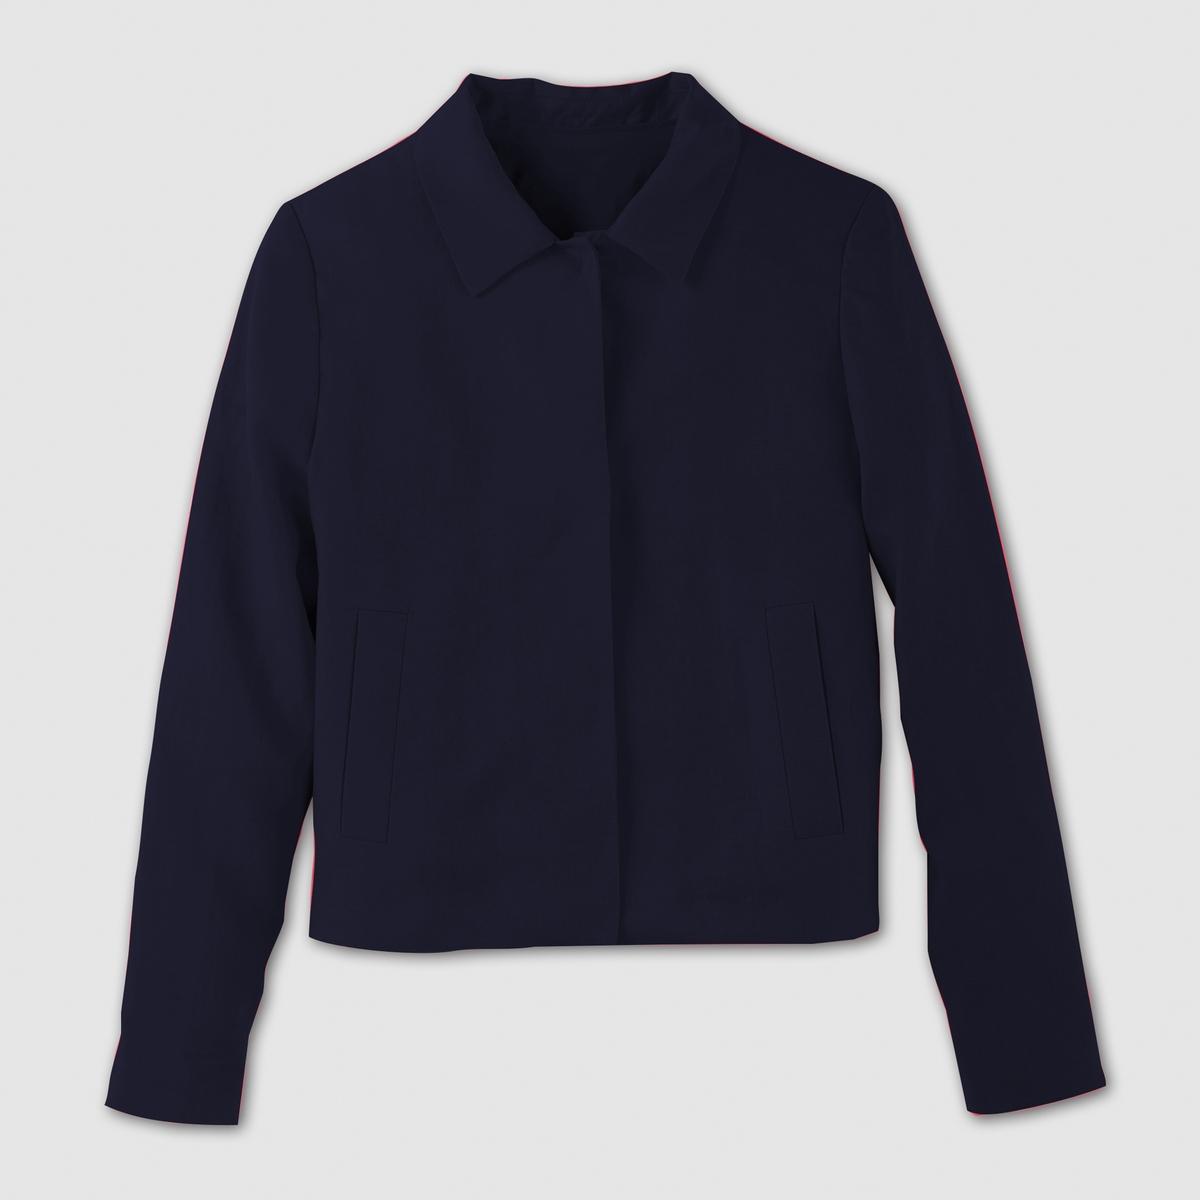 Куртка 100% льнаКуртка . 100% льна. . Подкладка из 100% полиэстера . Форма банки, короткая и прямая . Супатная застежка на пуговицы .  Низ рукавов с пуговицами . Рубашечный воротник . Длина: 55 см .<br><br>Цвет: желтый янтарь,розовый малиновый,синий морской,слоновая кость,черный<br>Размер: 38 (FR) - 44 (RUS).42 (FR) - 48 (RUS).34 (FR) - 40 (RUS).36 (FR) - 42 (RUS).38 (FR) - 44 (RUS).40 (FR) - 46 (RUS).44 (FR) - 50 (RUS).46 (FR) - 52 (RUS).48 (FR) - 54 (RUS).36 (FR) - 42 (RUS).38 (FR) - 44 (RUS).44 (FR) - 50 (RUS).44 (FR) - 50 (RUS).38 (FR) - 44 (RUS).44 (FR) - 50 (RUS).40 (FR) - 46 (RUS)